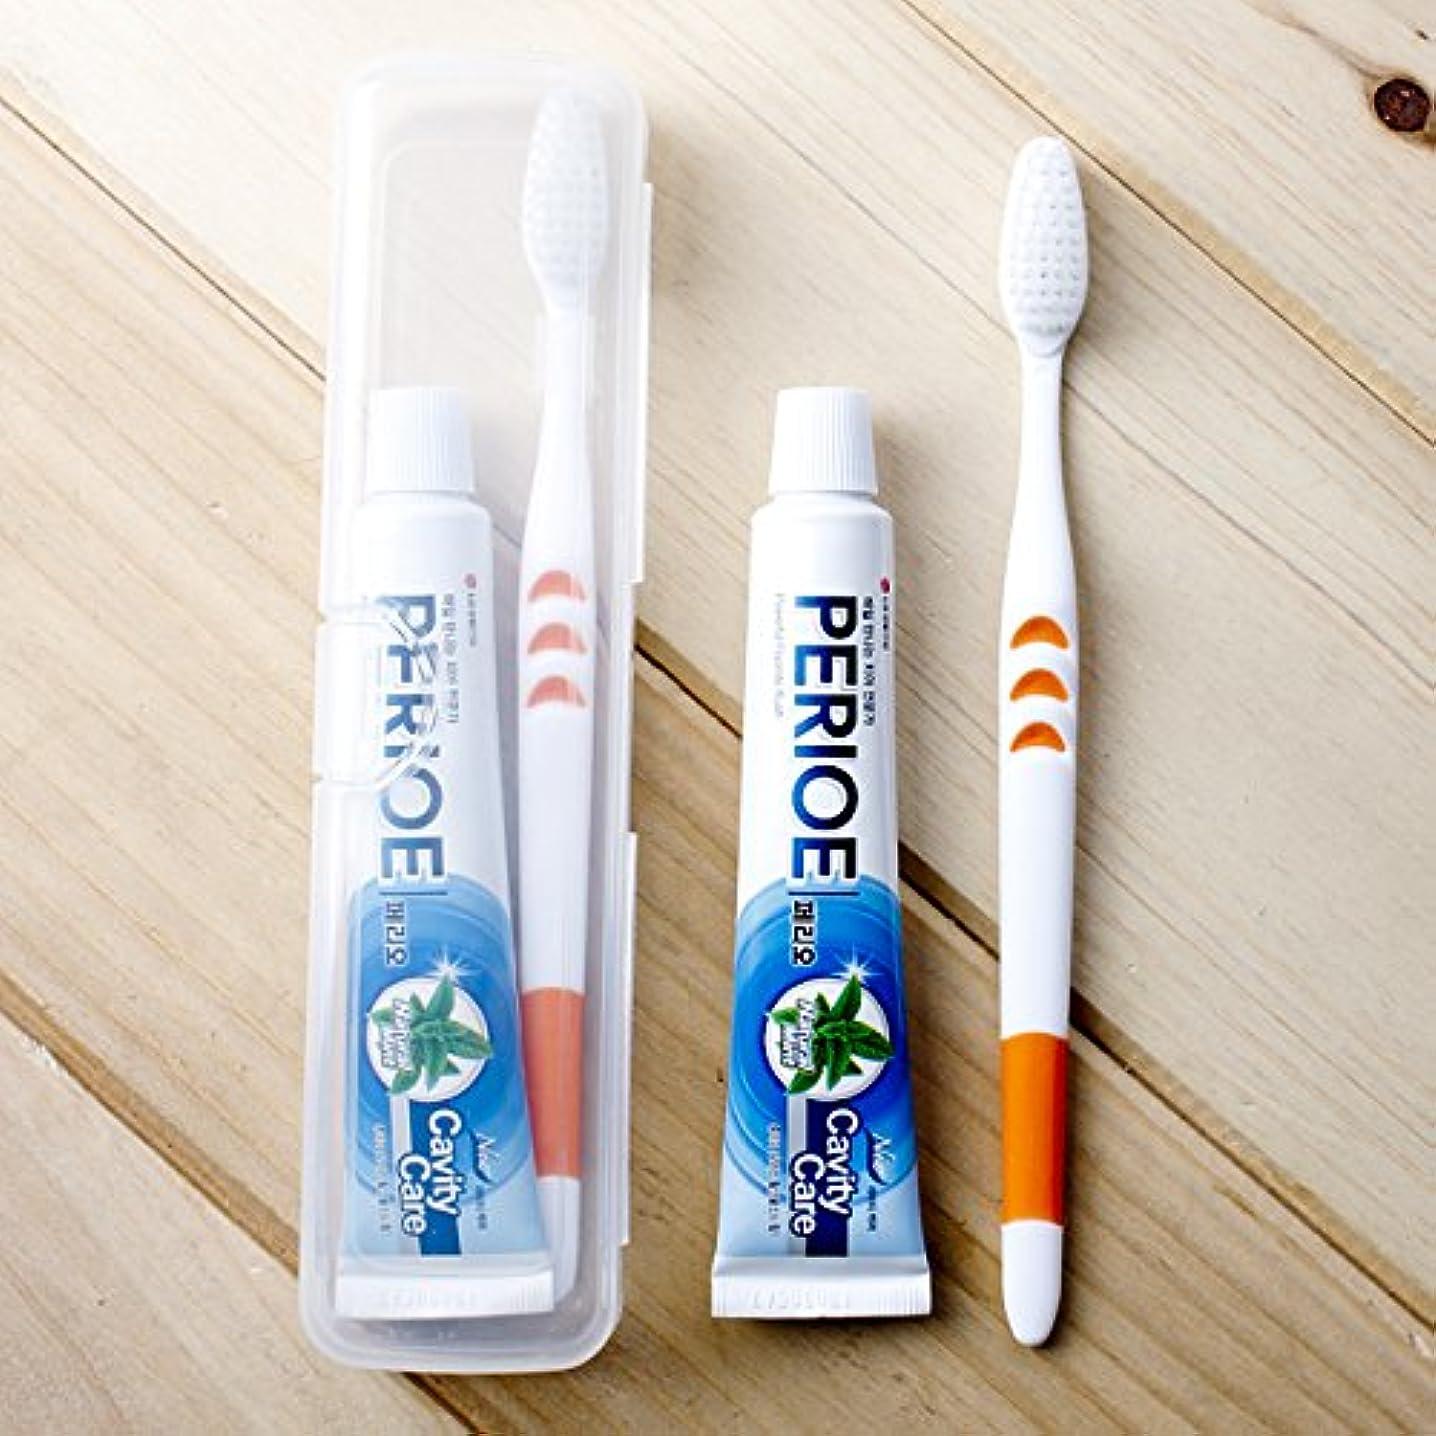 相手方向リークVBMDoM 旅行歯ブラシキットセット x 2個 韓国製品 [並行輸入品]